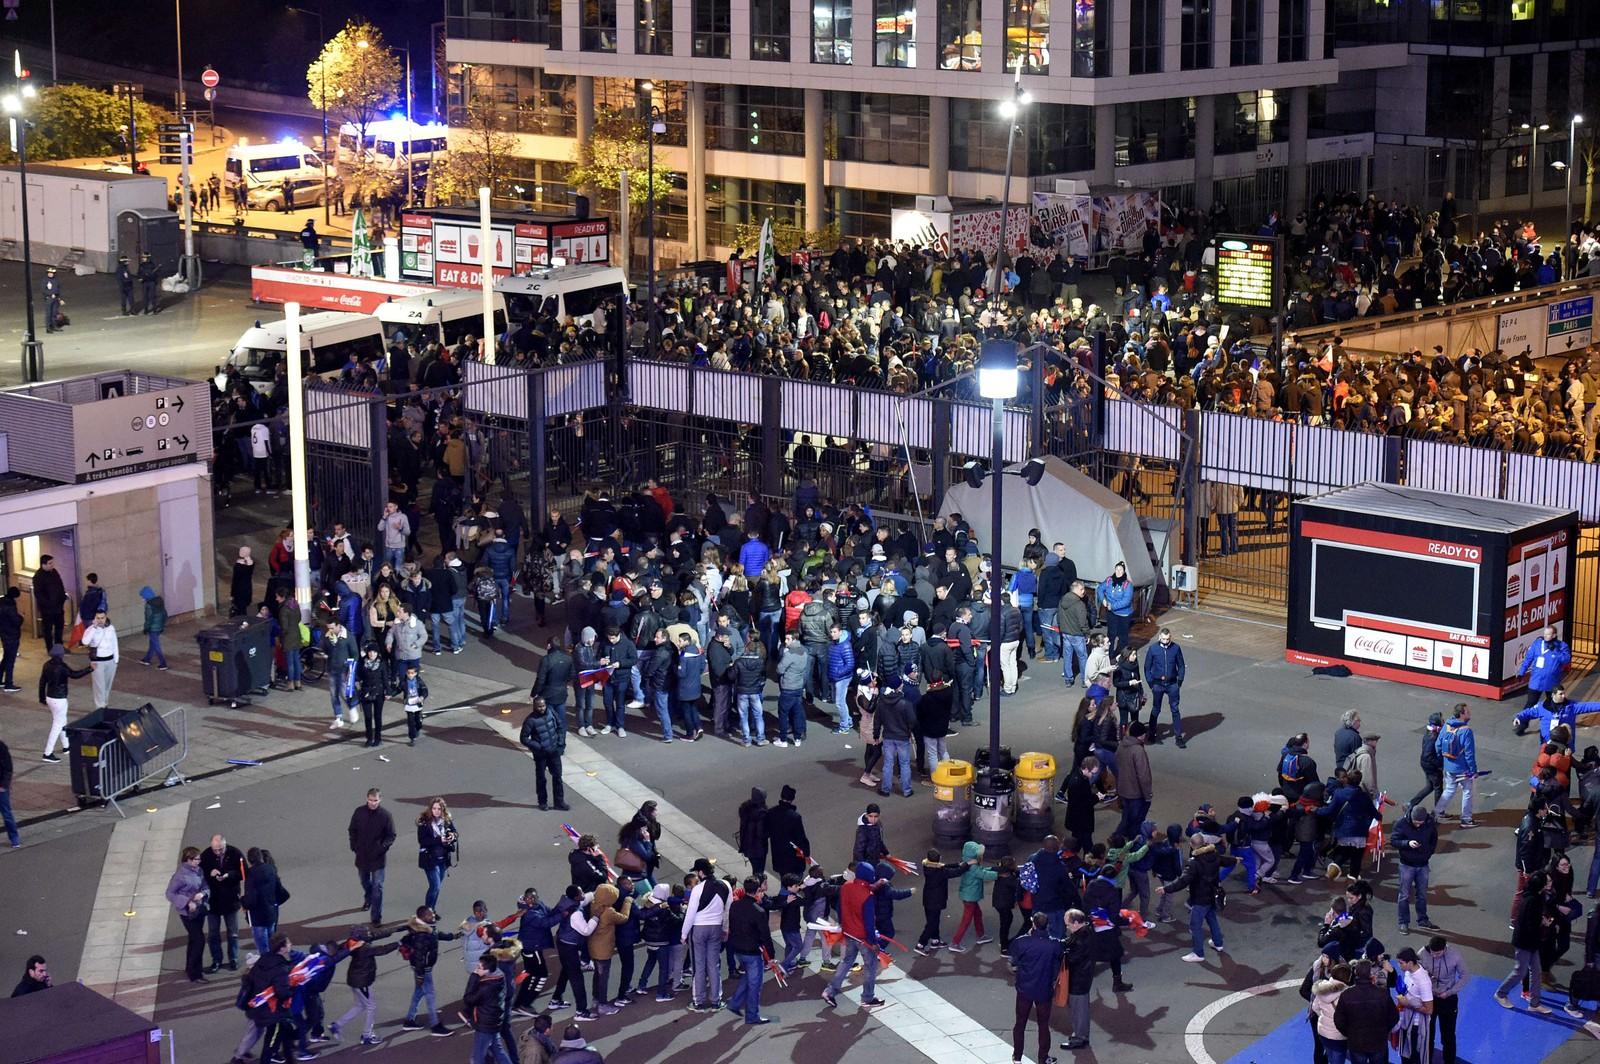 KAOTISK: Situasjonen ble kaotisk på fotballstadionet Stade de France, og like etter klokken 23 var det mange tilskuere som ikke kom seg ut. Flere søkte tilflukt i lokaler under gressmatta.